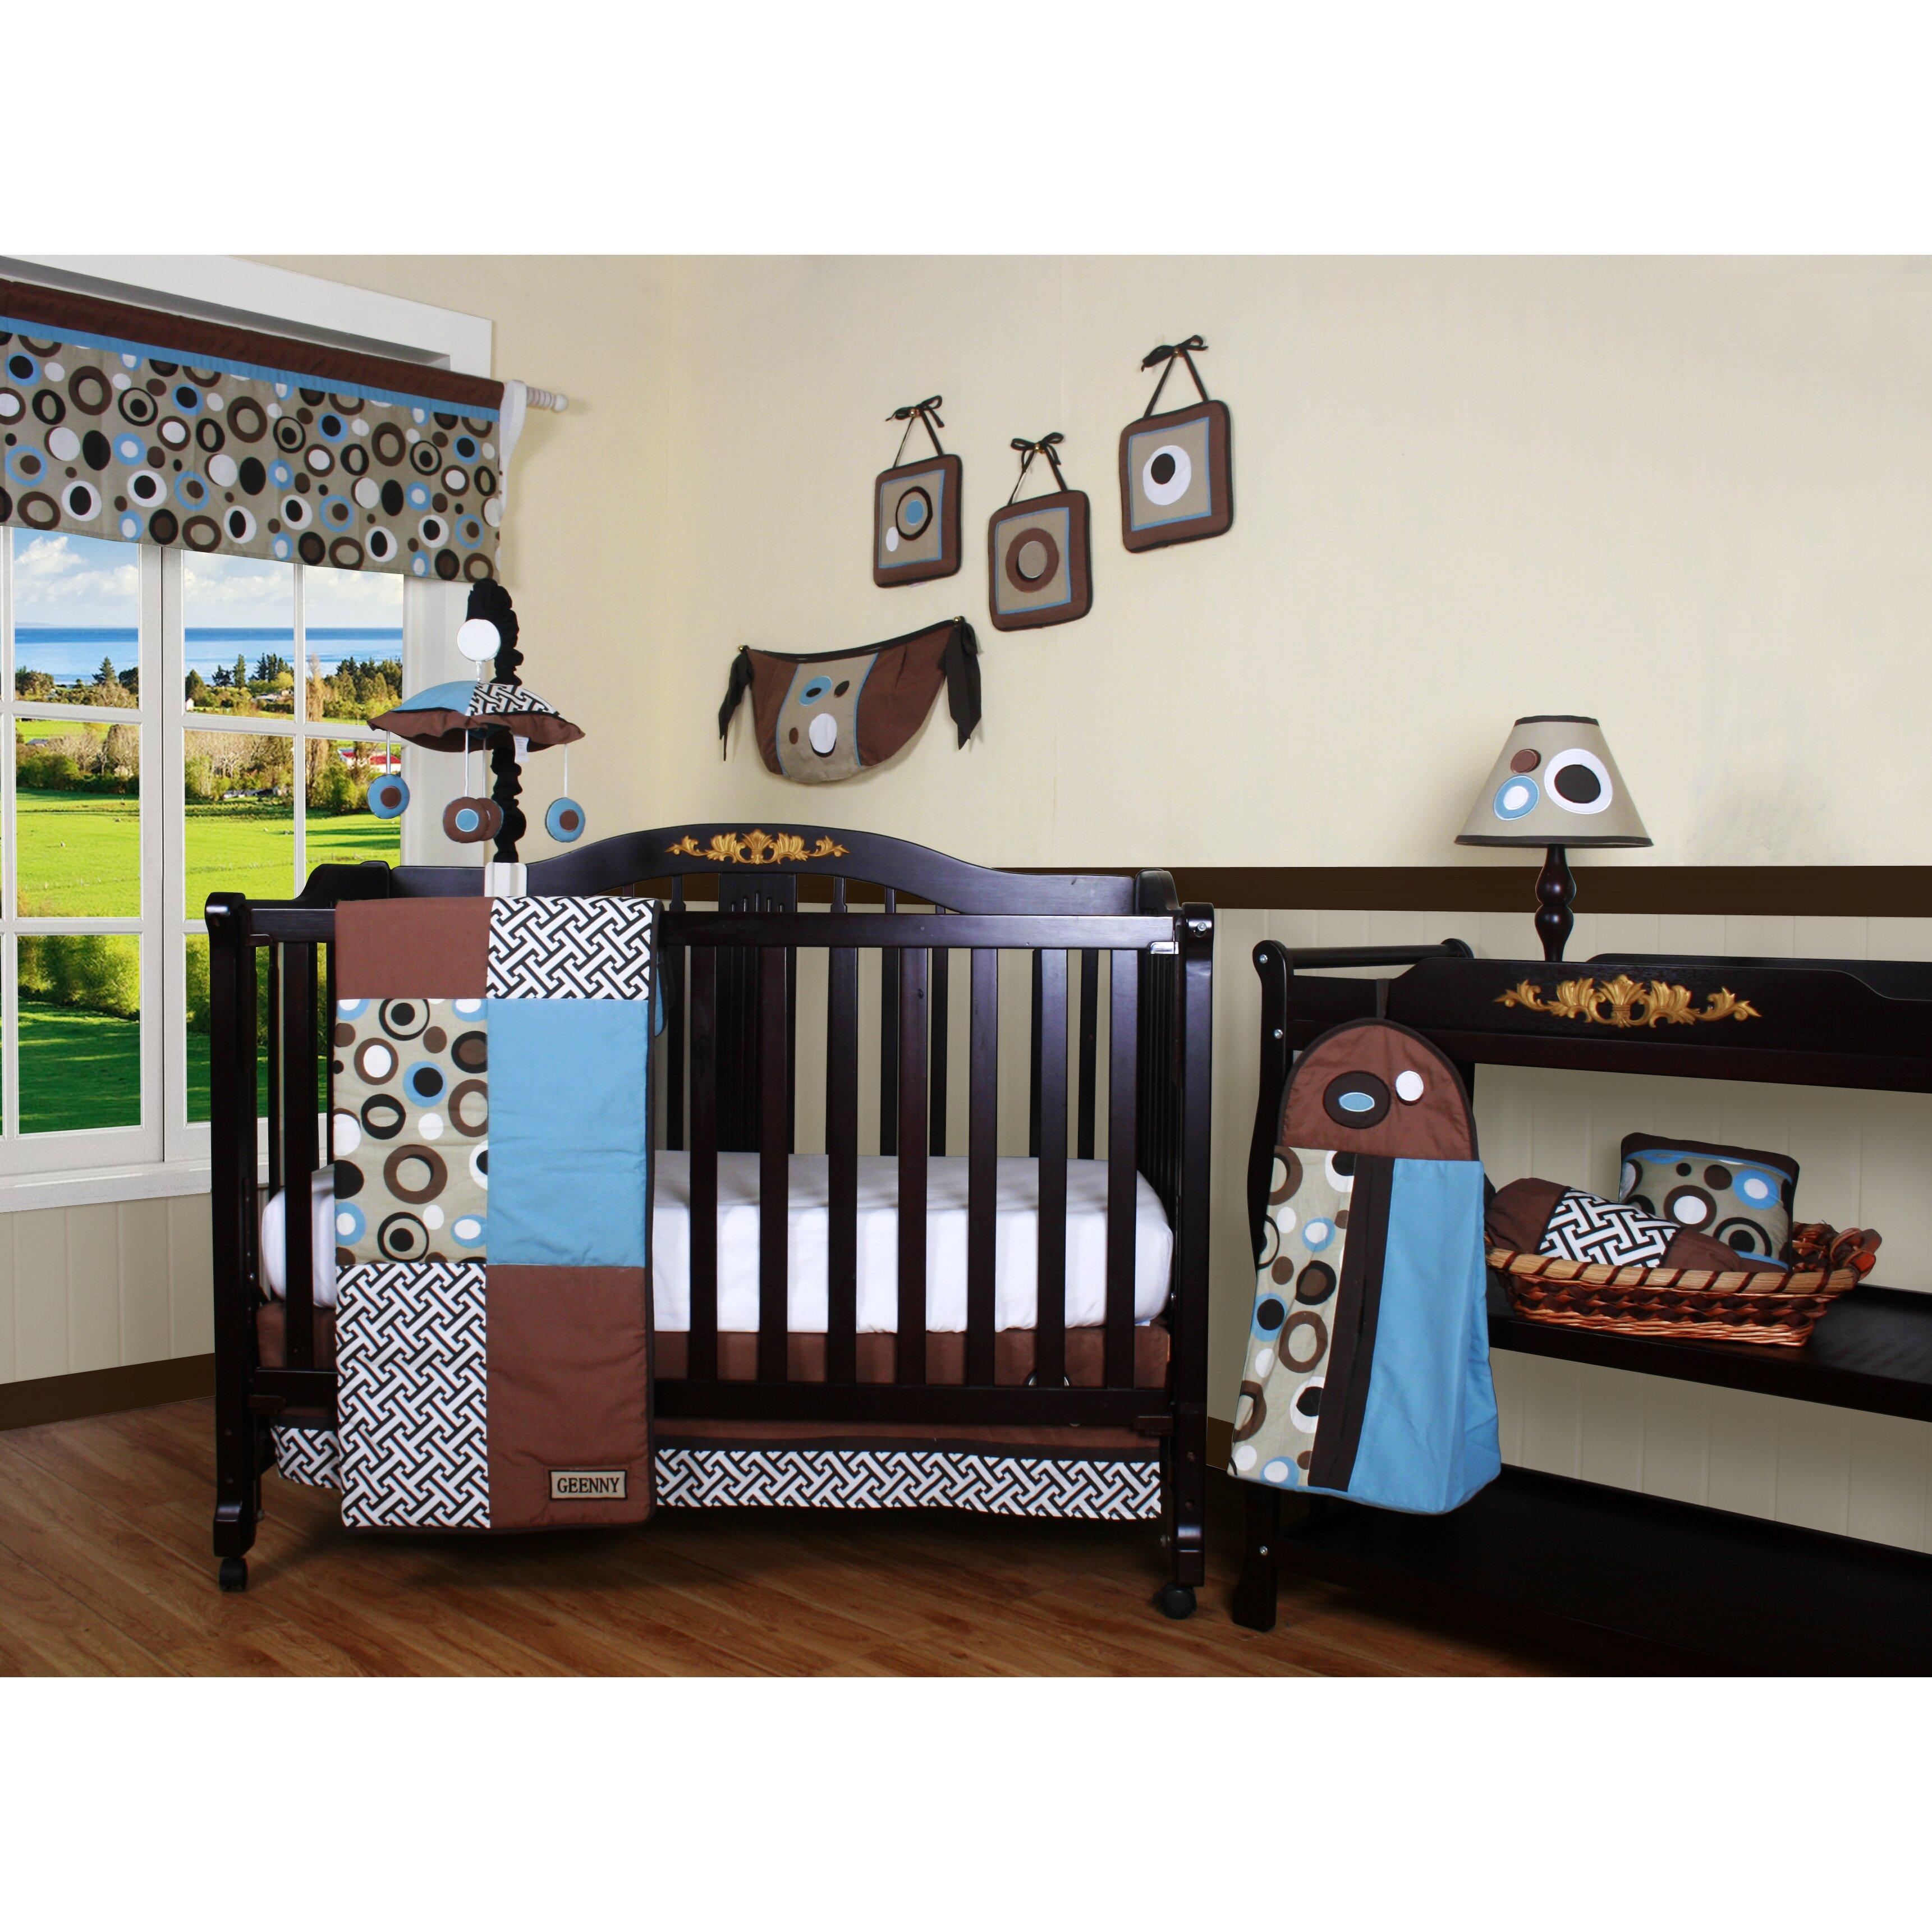 Geenny boutique scribble 13 piece crib bedding set wayfair - Geenny crib bedding sets ...